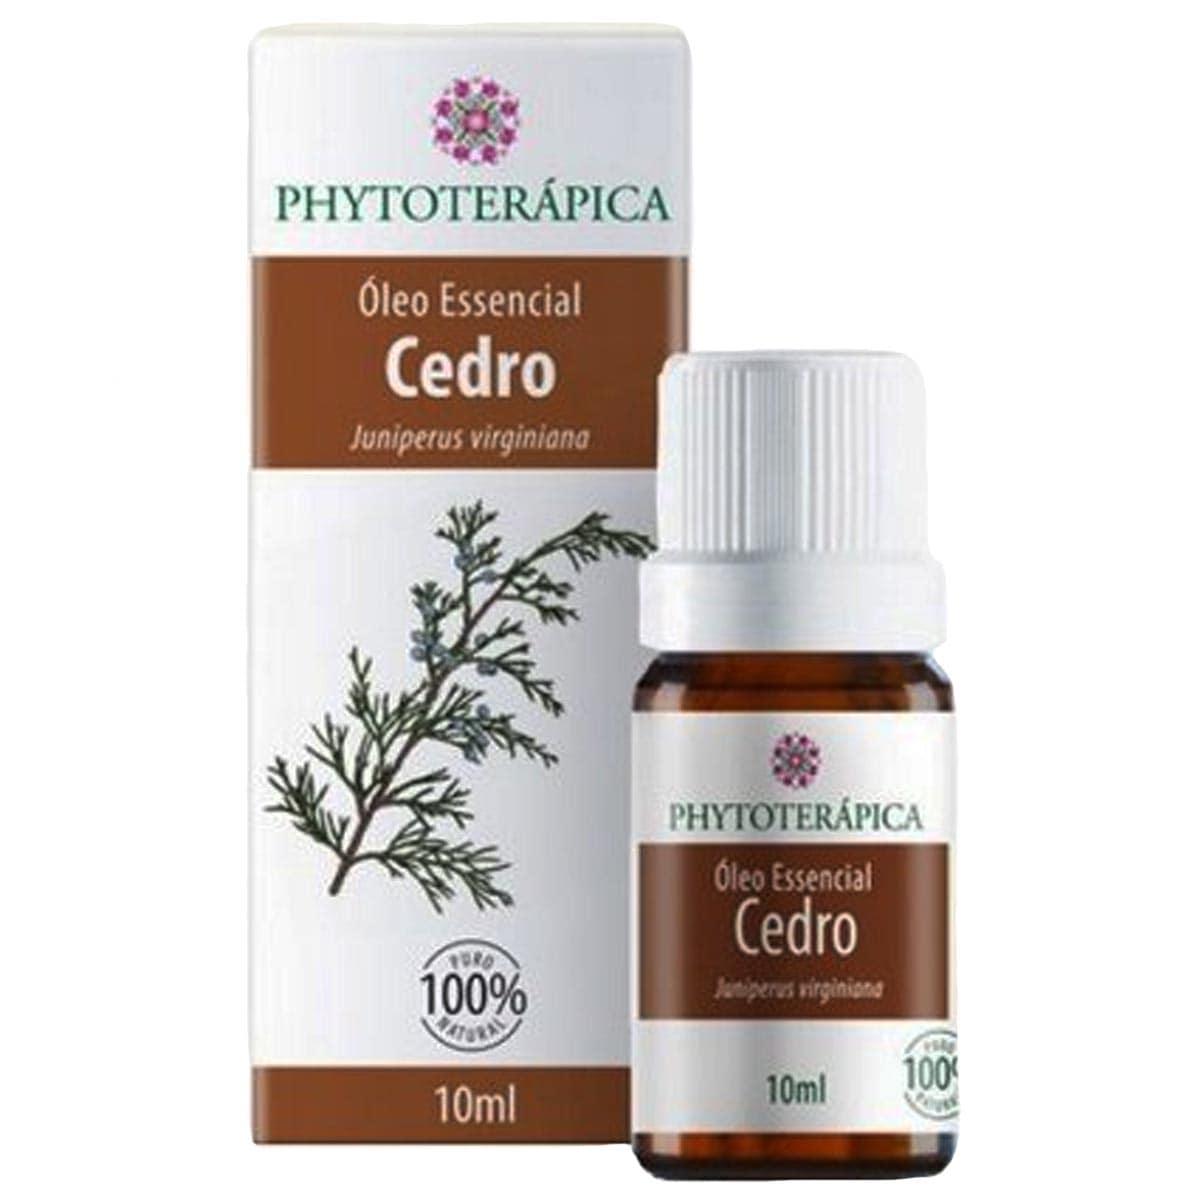 Óleo Essencial Cedro 10 ml Phytoterápica